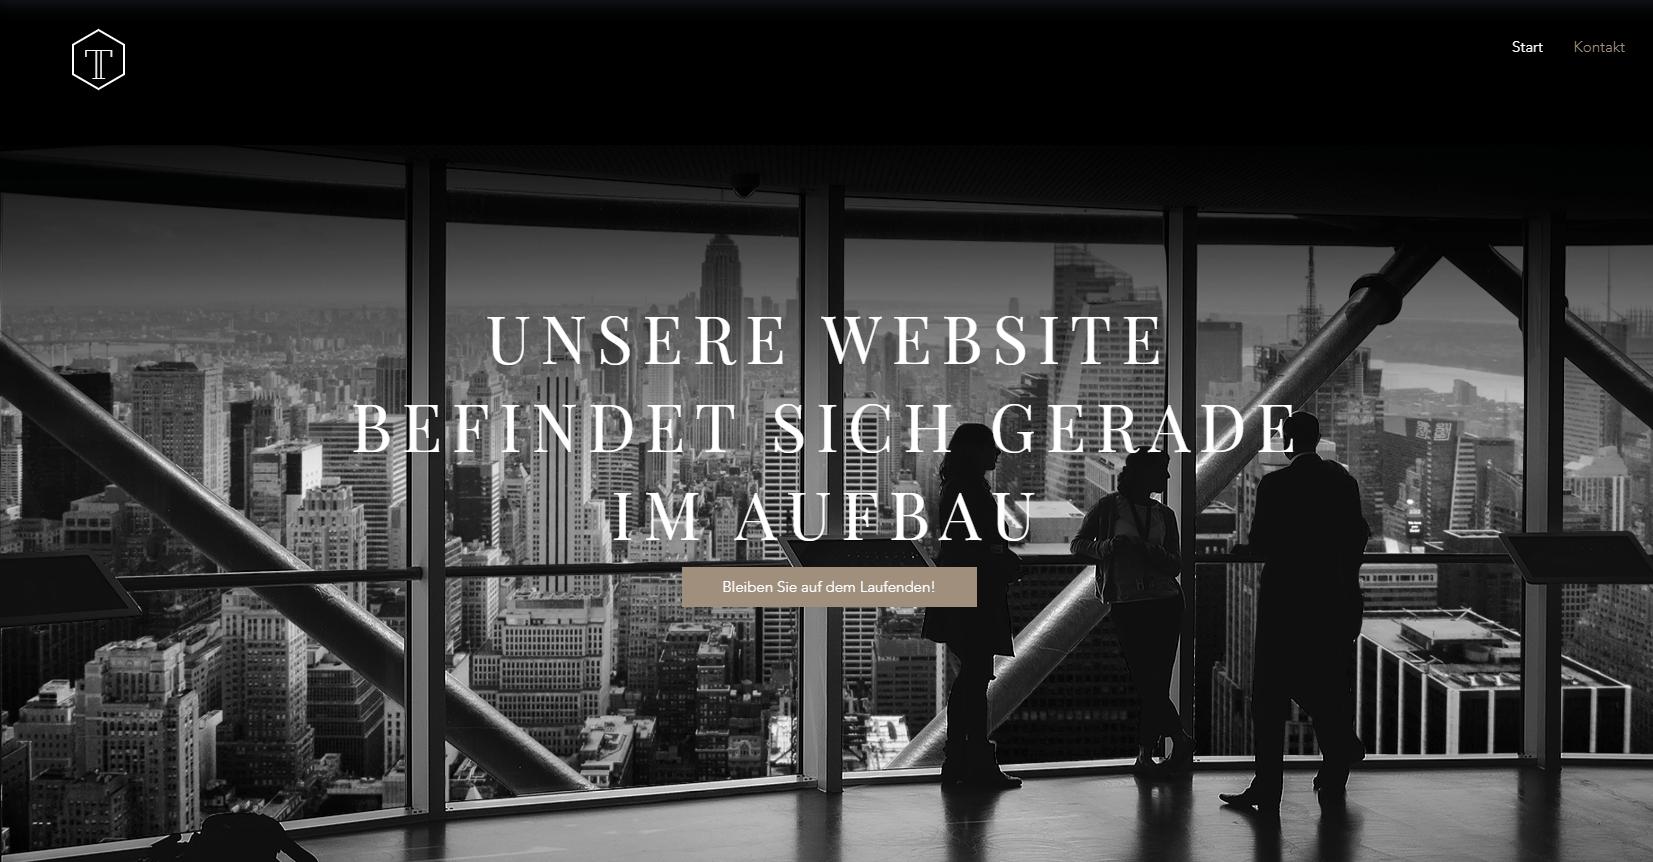 Website erstellen mit Mac (Webdesign): Wix Beispieltemplate 1